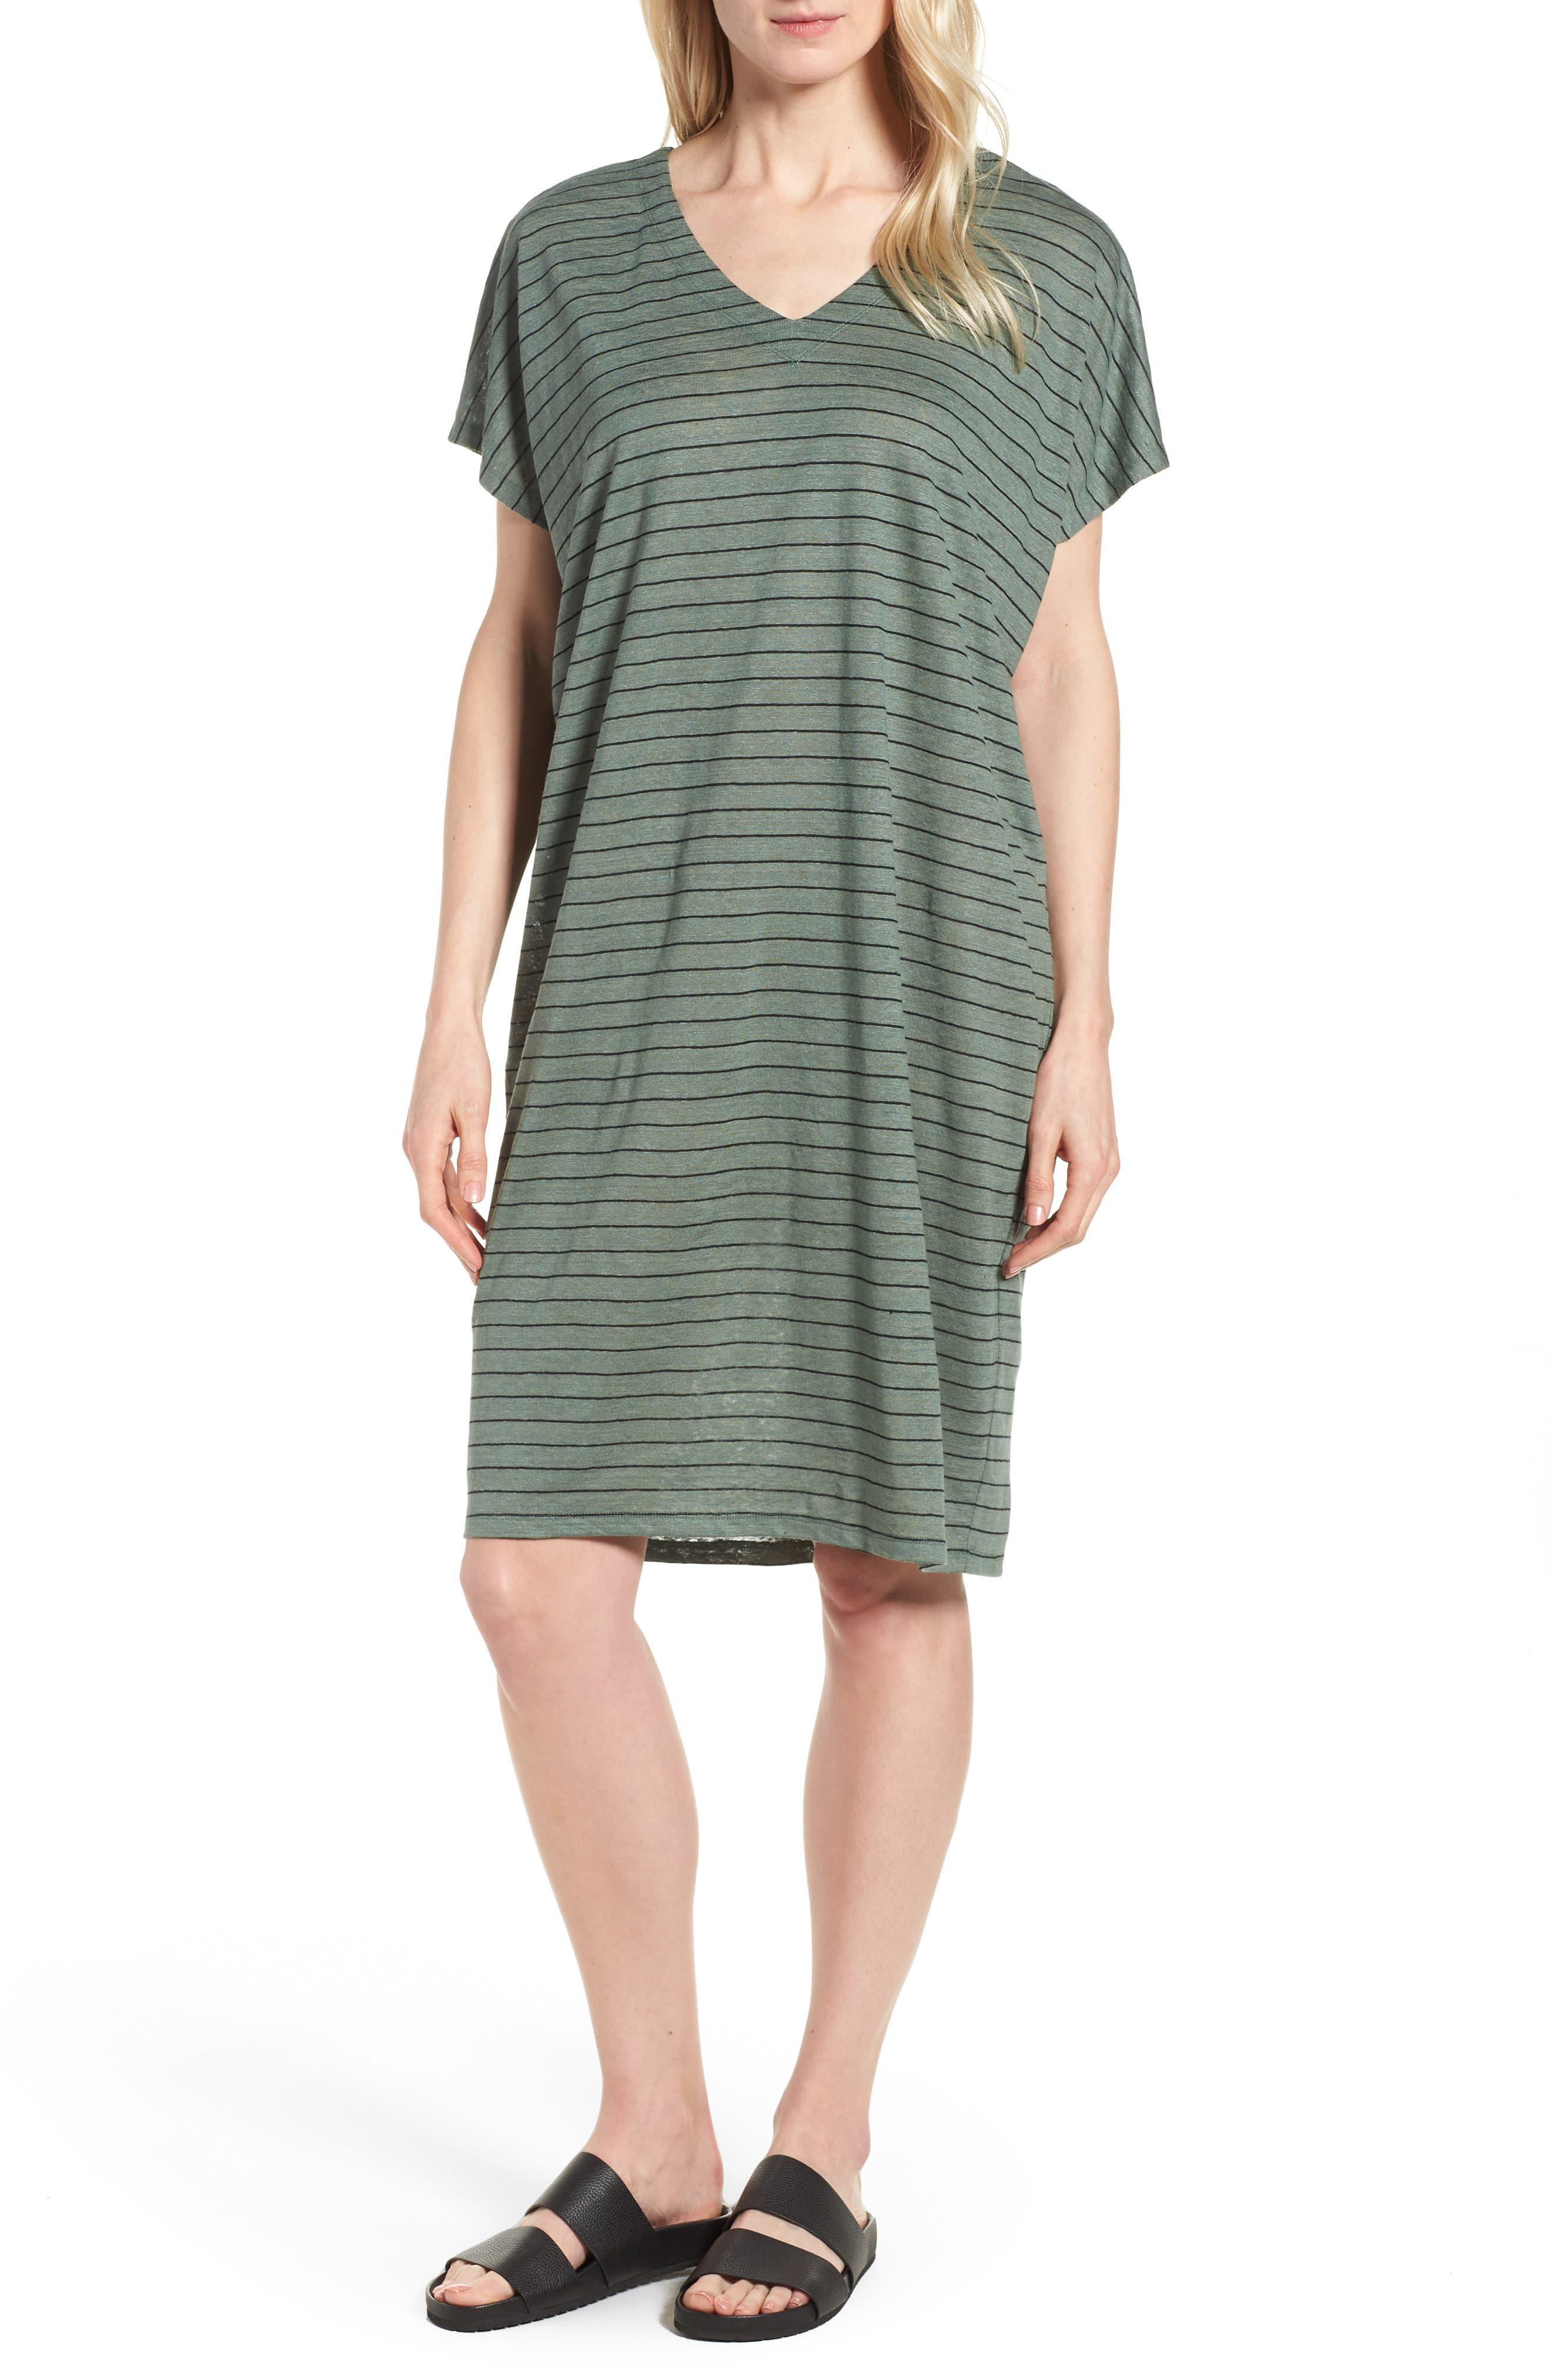 Stripe Organic Linen Shift Dress,                             Main thumbnail 1, color,                             Nori